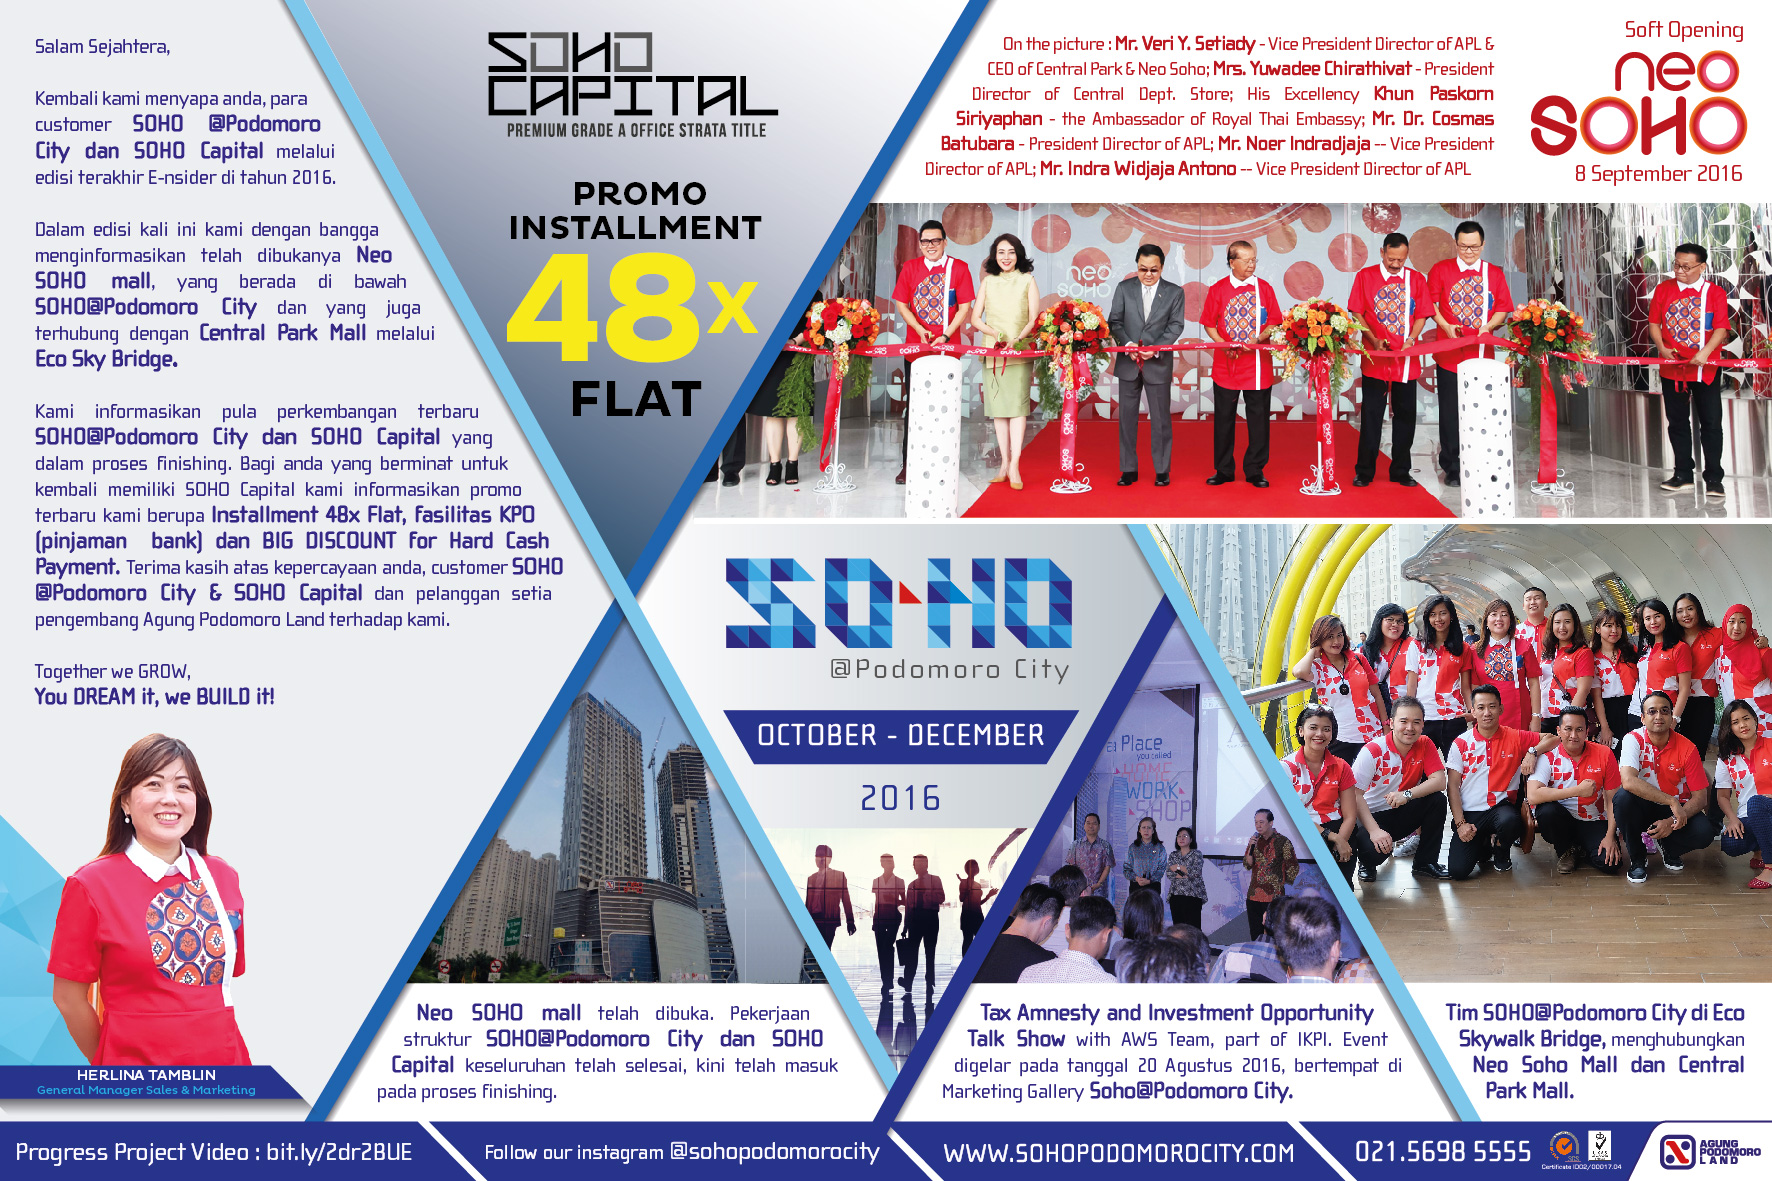 SOHO Poci e-newsletter Oct - Dec 2016